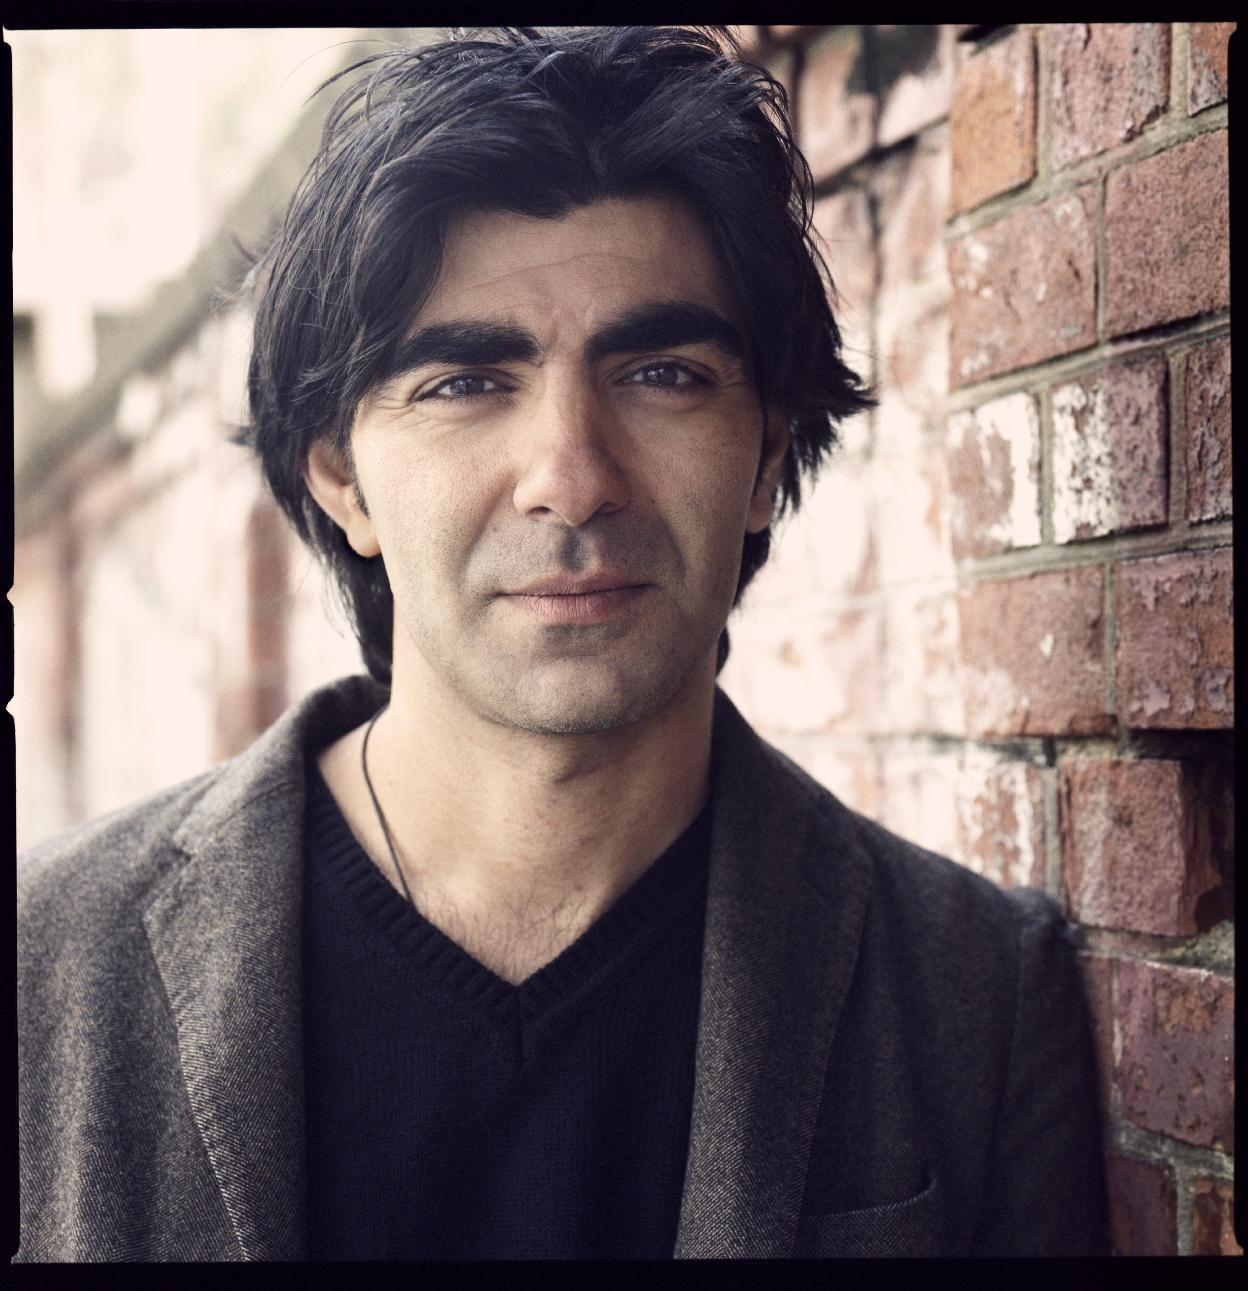 Fatih Akin (fot. materiały prasowe)